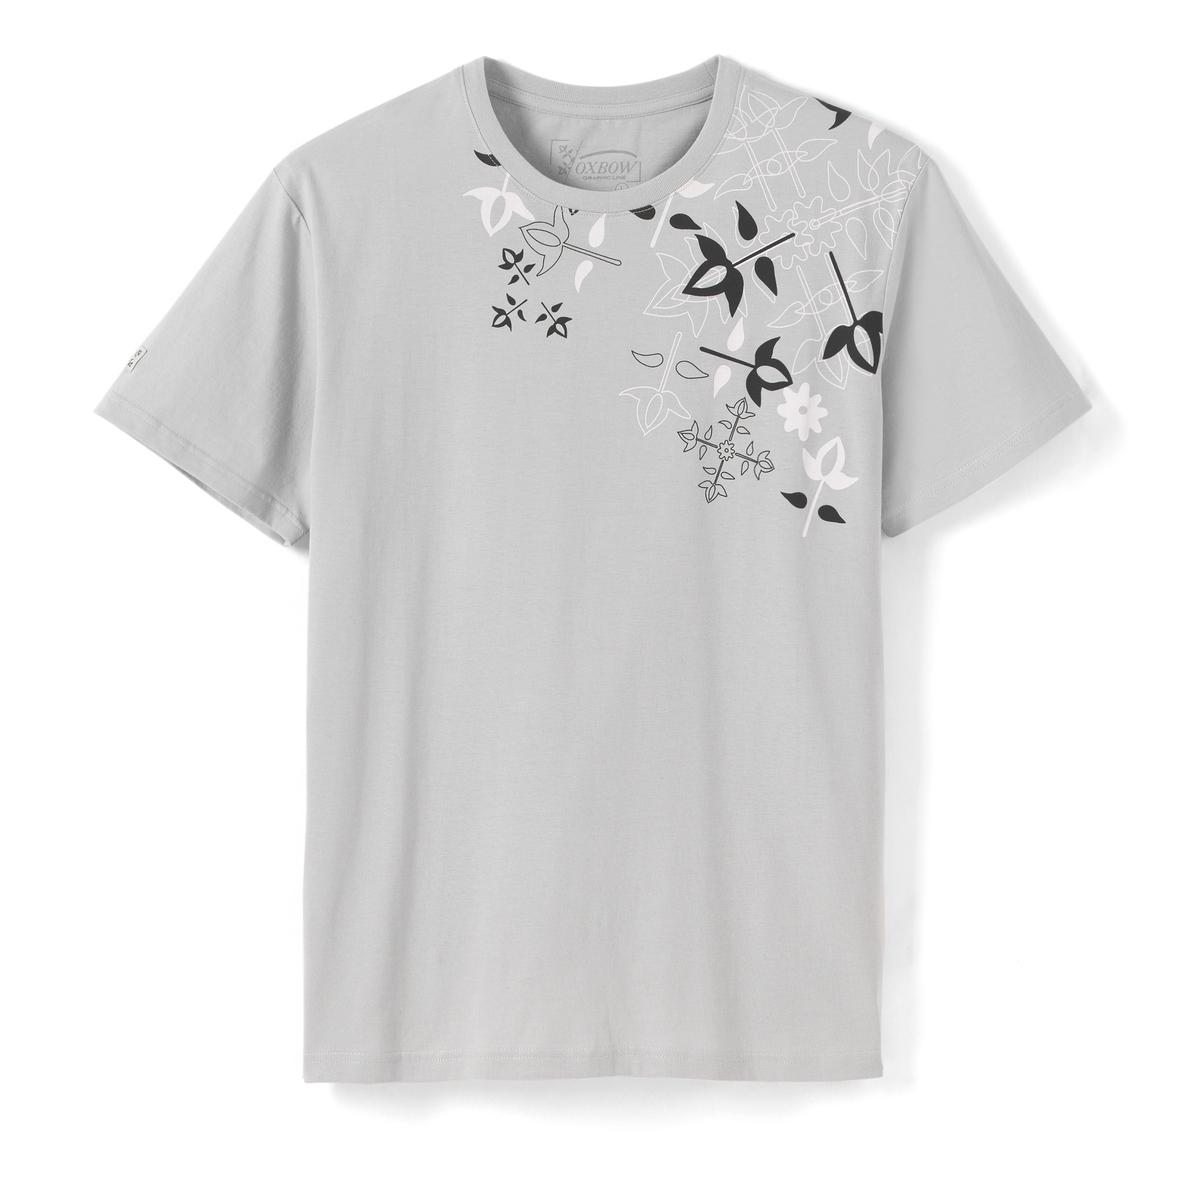 Футболка с рисунком TILARAФутболка, модель TILARA от OXBOW® - Короткие рукава - Прямой покрой- Круглый вырез- Шелкография спереди вокруг воротника с цветочным рисунком OxbowСостав и описание :Основной материал : 100% хлопокМарка : OXBOW®Уход :Машинная стирка при 40 °С<br><br>Цвет: светло-серый<br>Размер: M